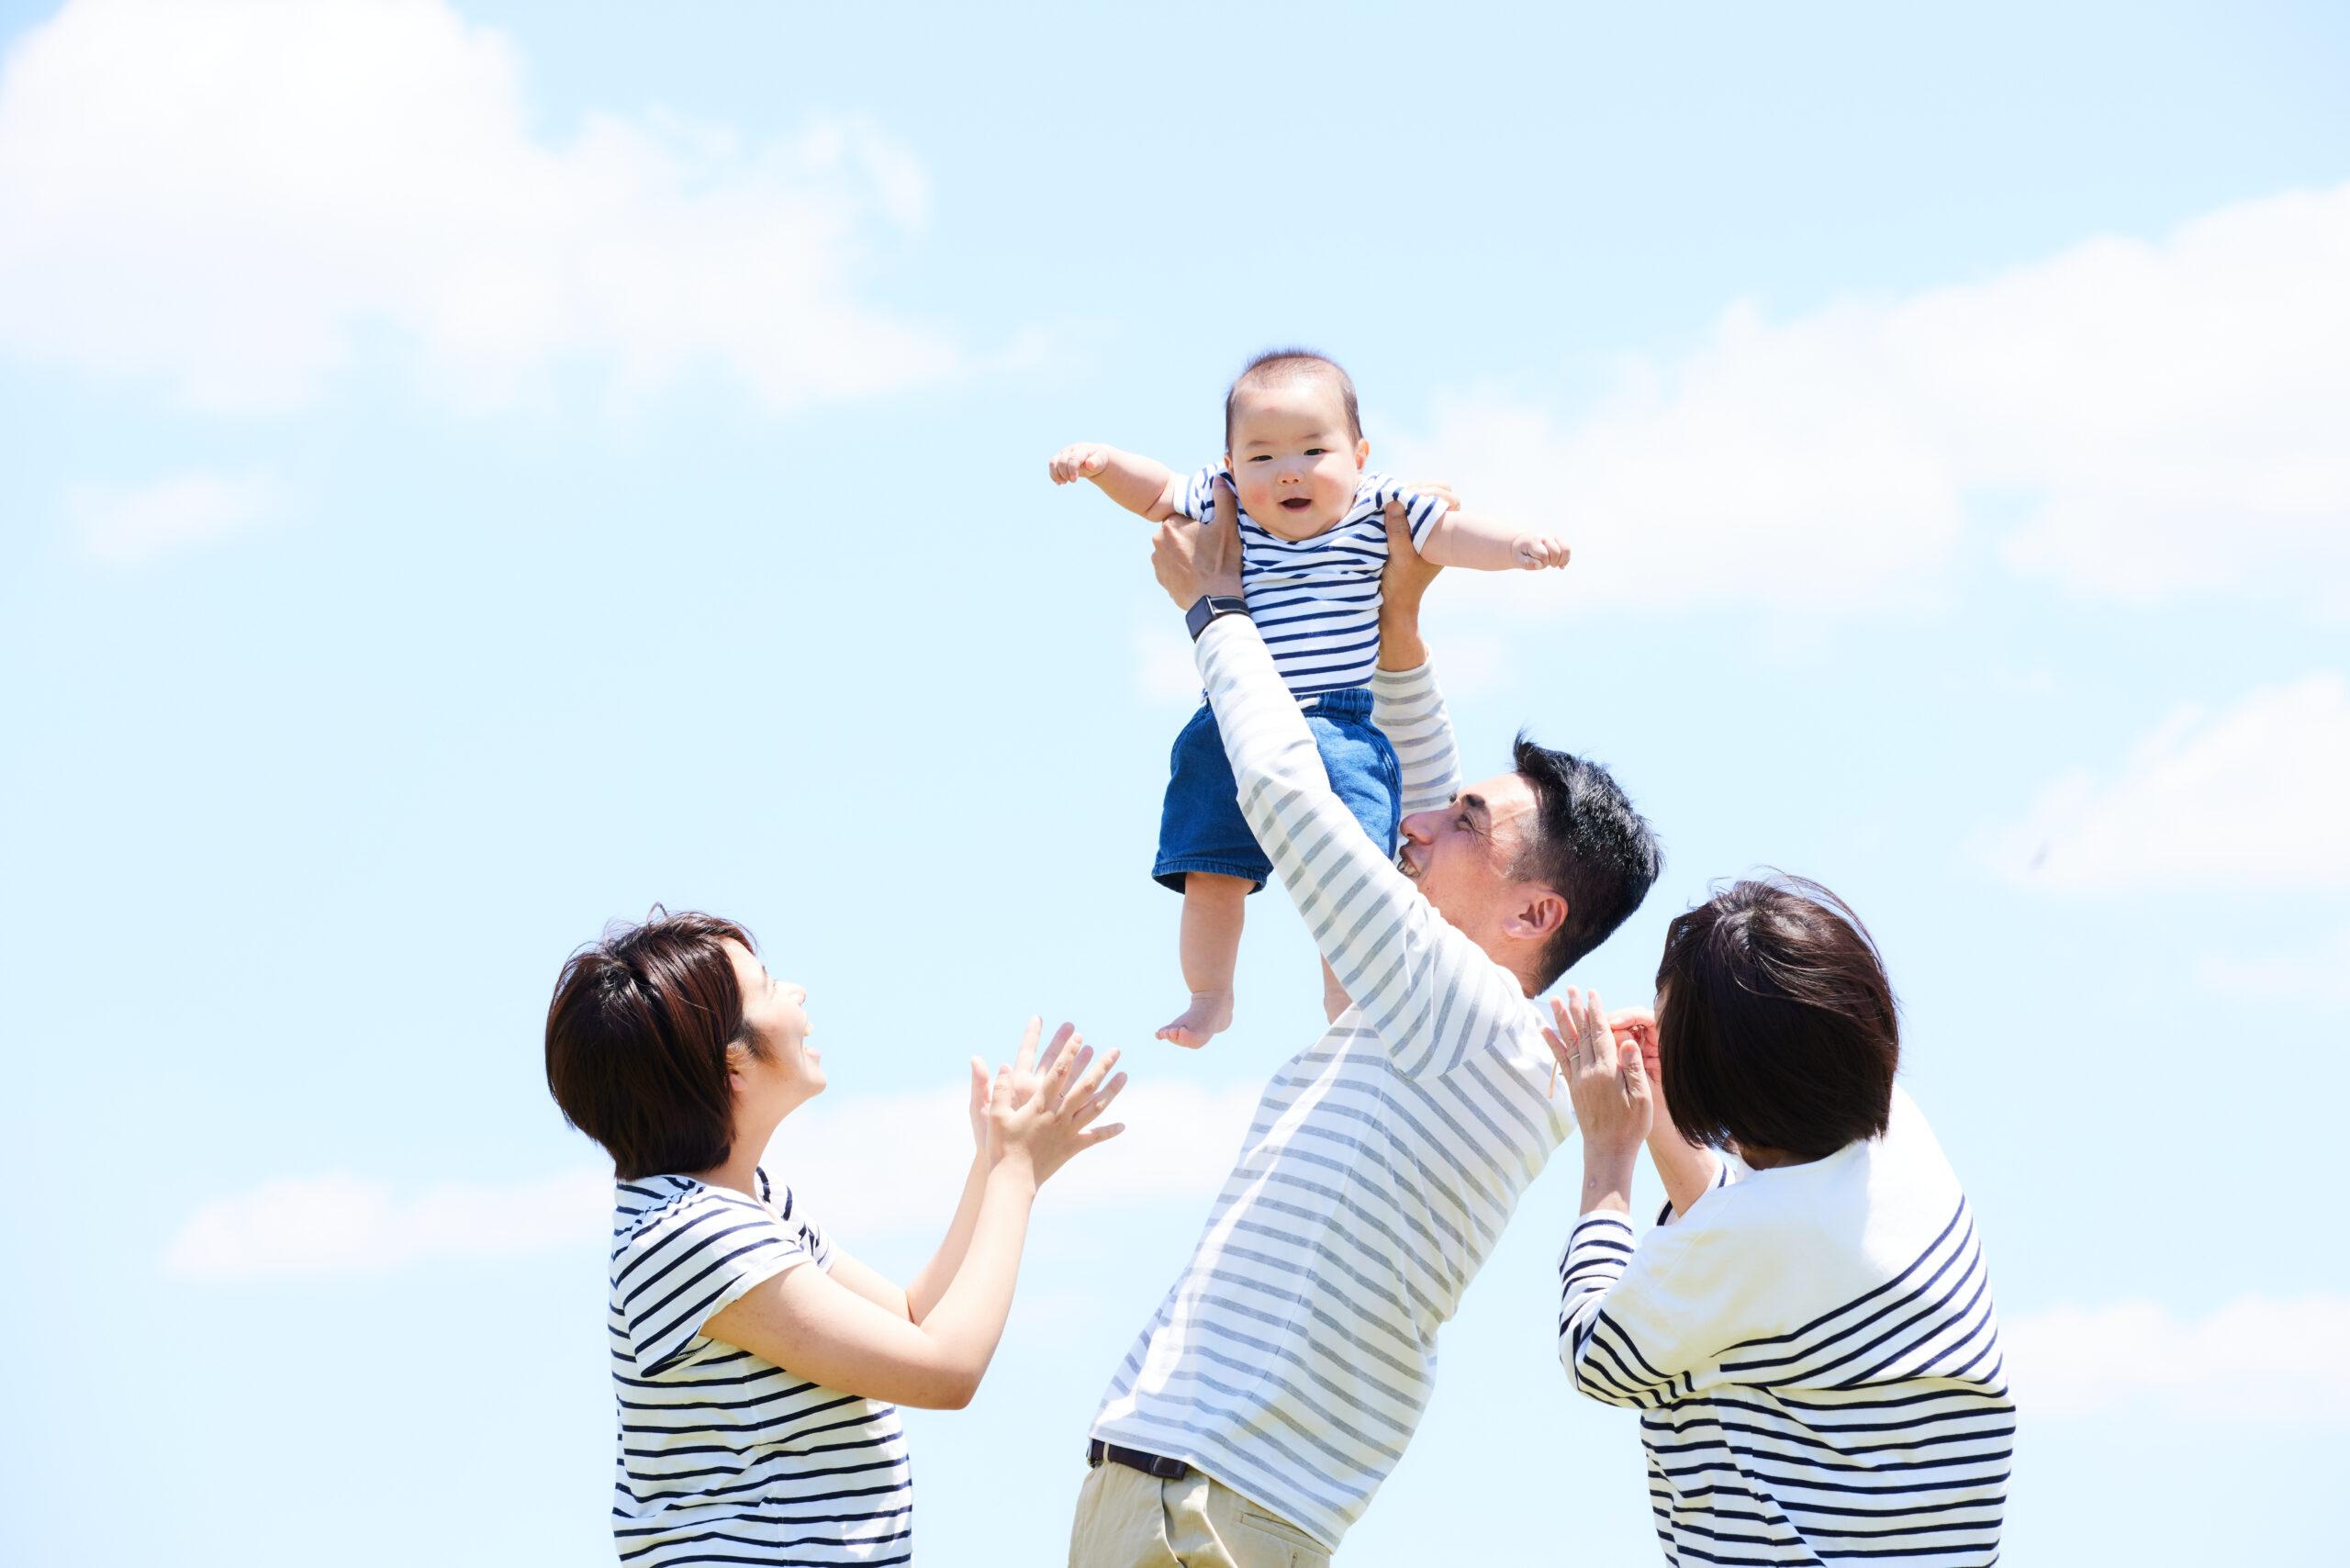 【レポート】5月30日家族の想い出撮影会@道の駅パレットピア大野